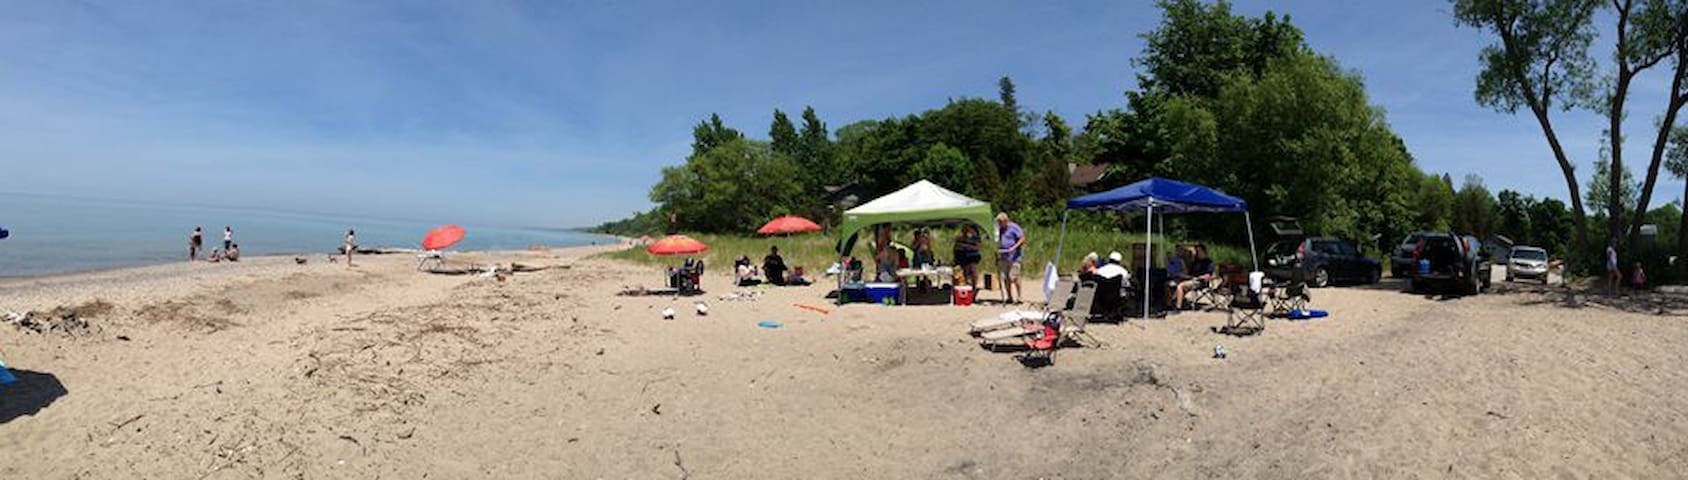 Georgeous beach!